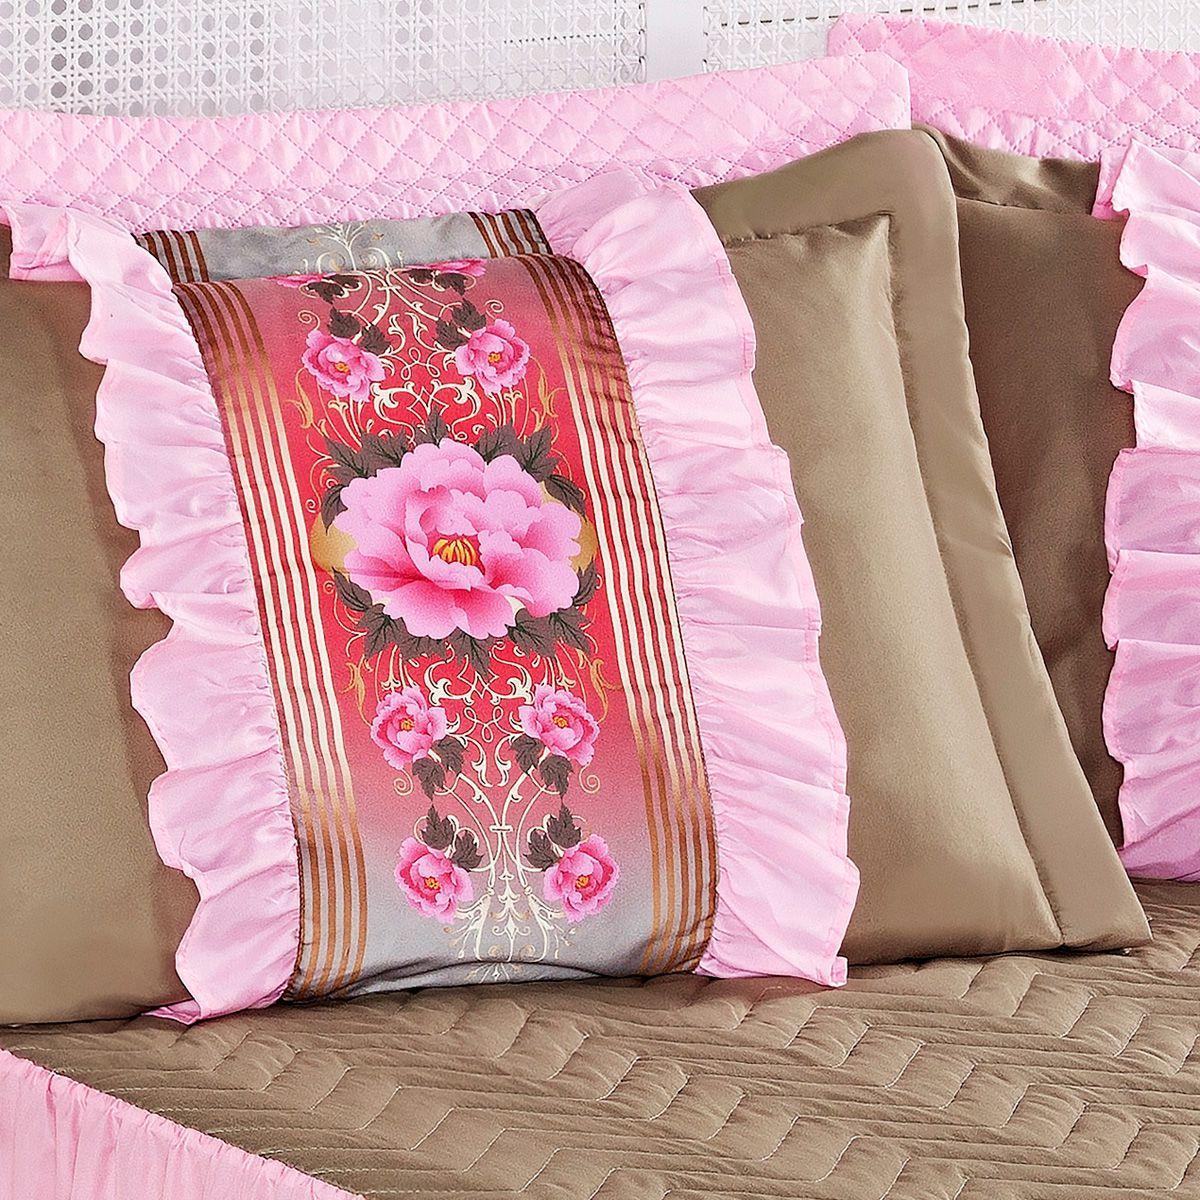 acc3f869c5 Colcha Rosa Casal Padrão Bia Cáqui   Rosa com Refil 5 Peças - Aquarela  enxovais R  129